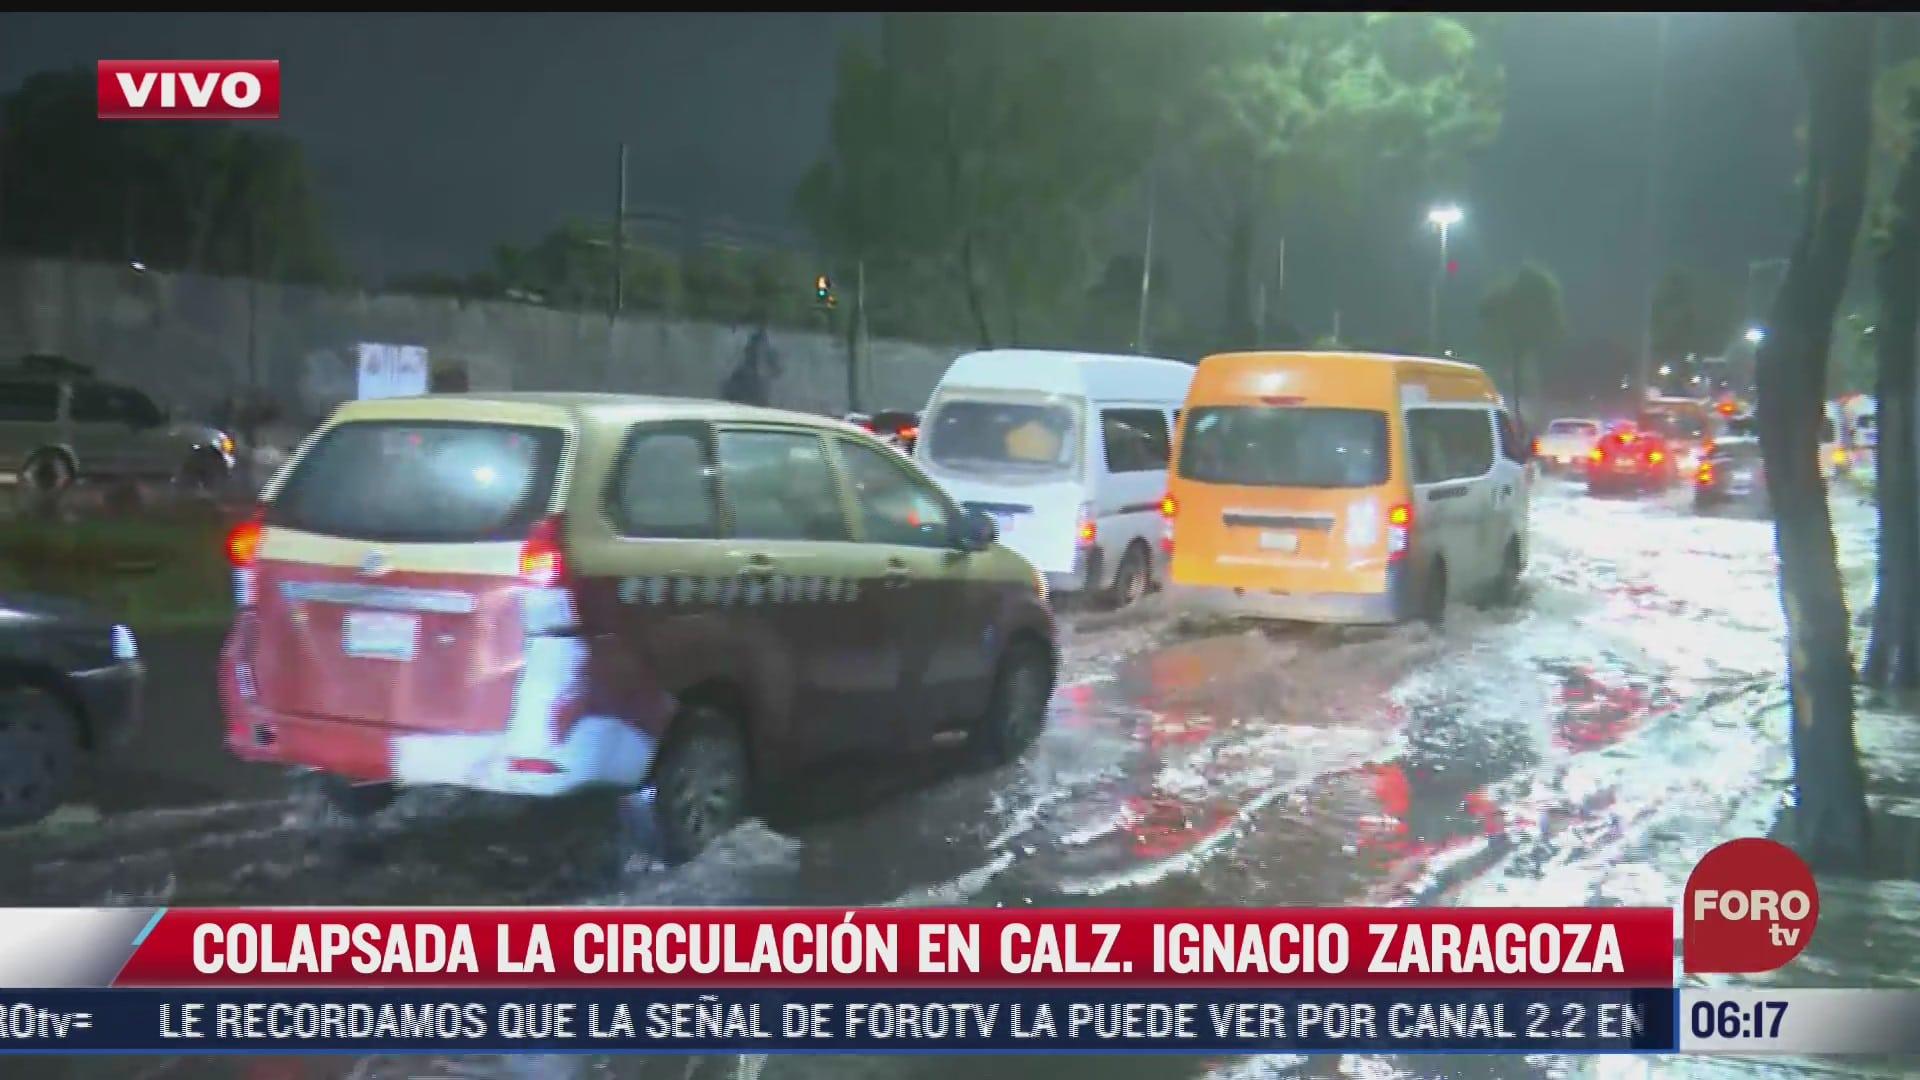 suspenden servicio de estaciones penon viejo a la paz del metro de cdmx por lluvia